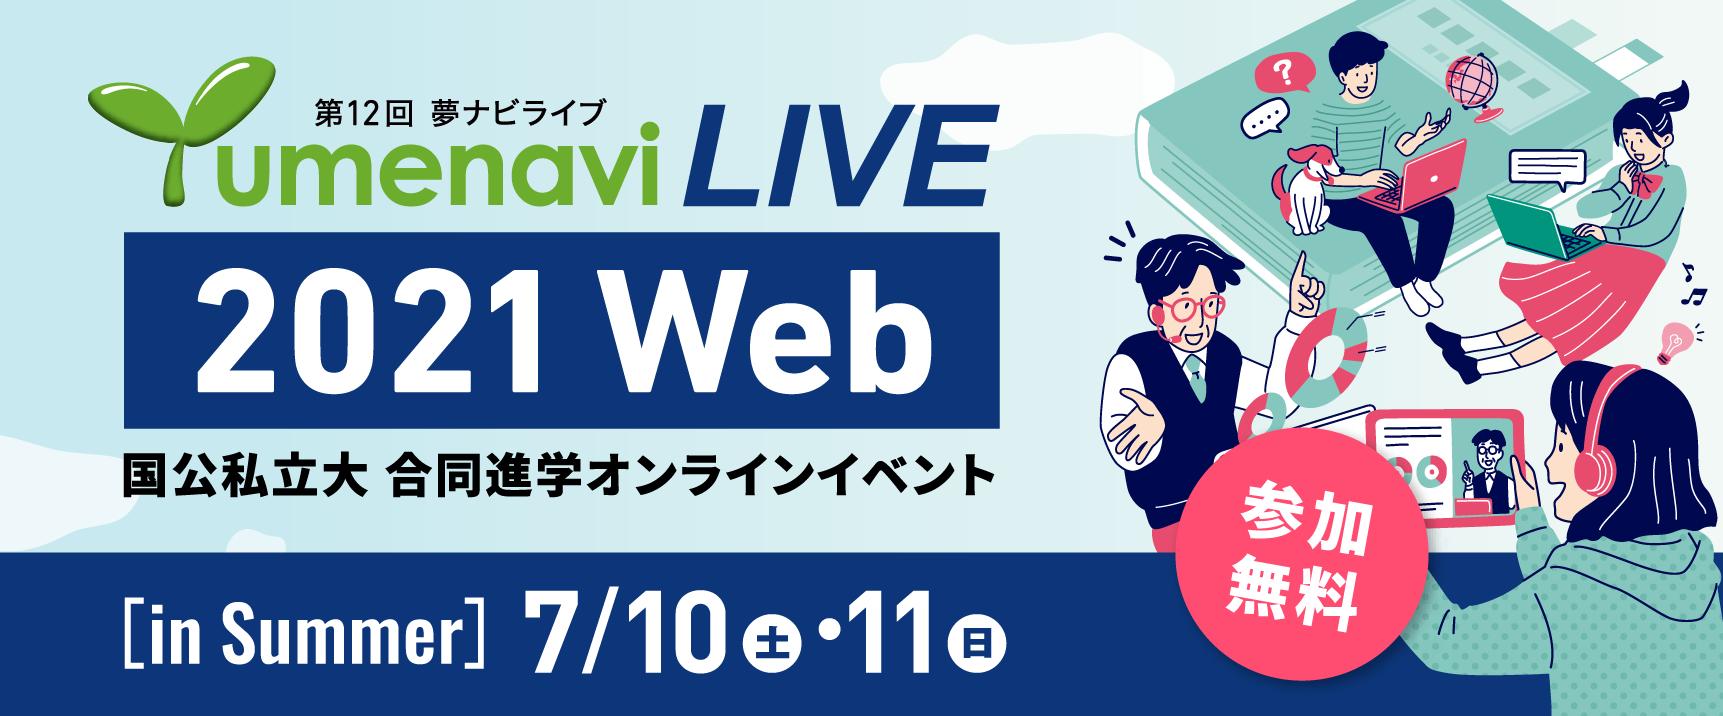 夢ナビライブ2021Web in Summer